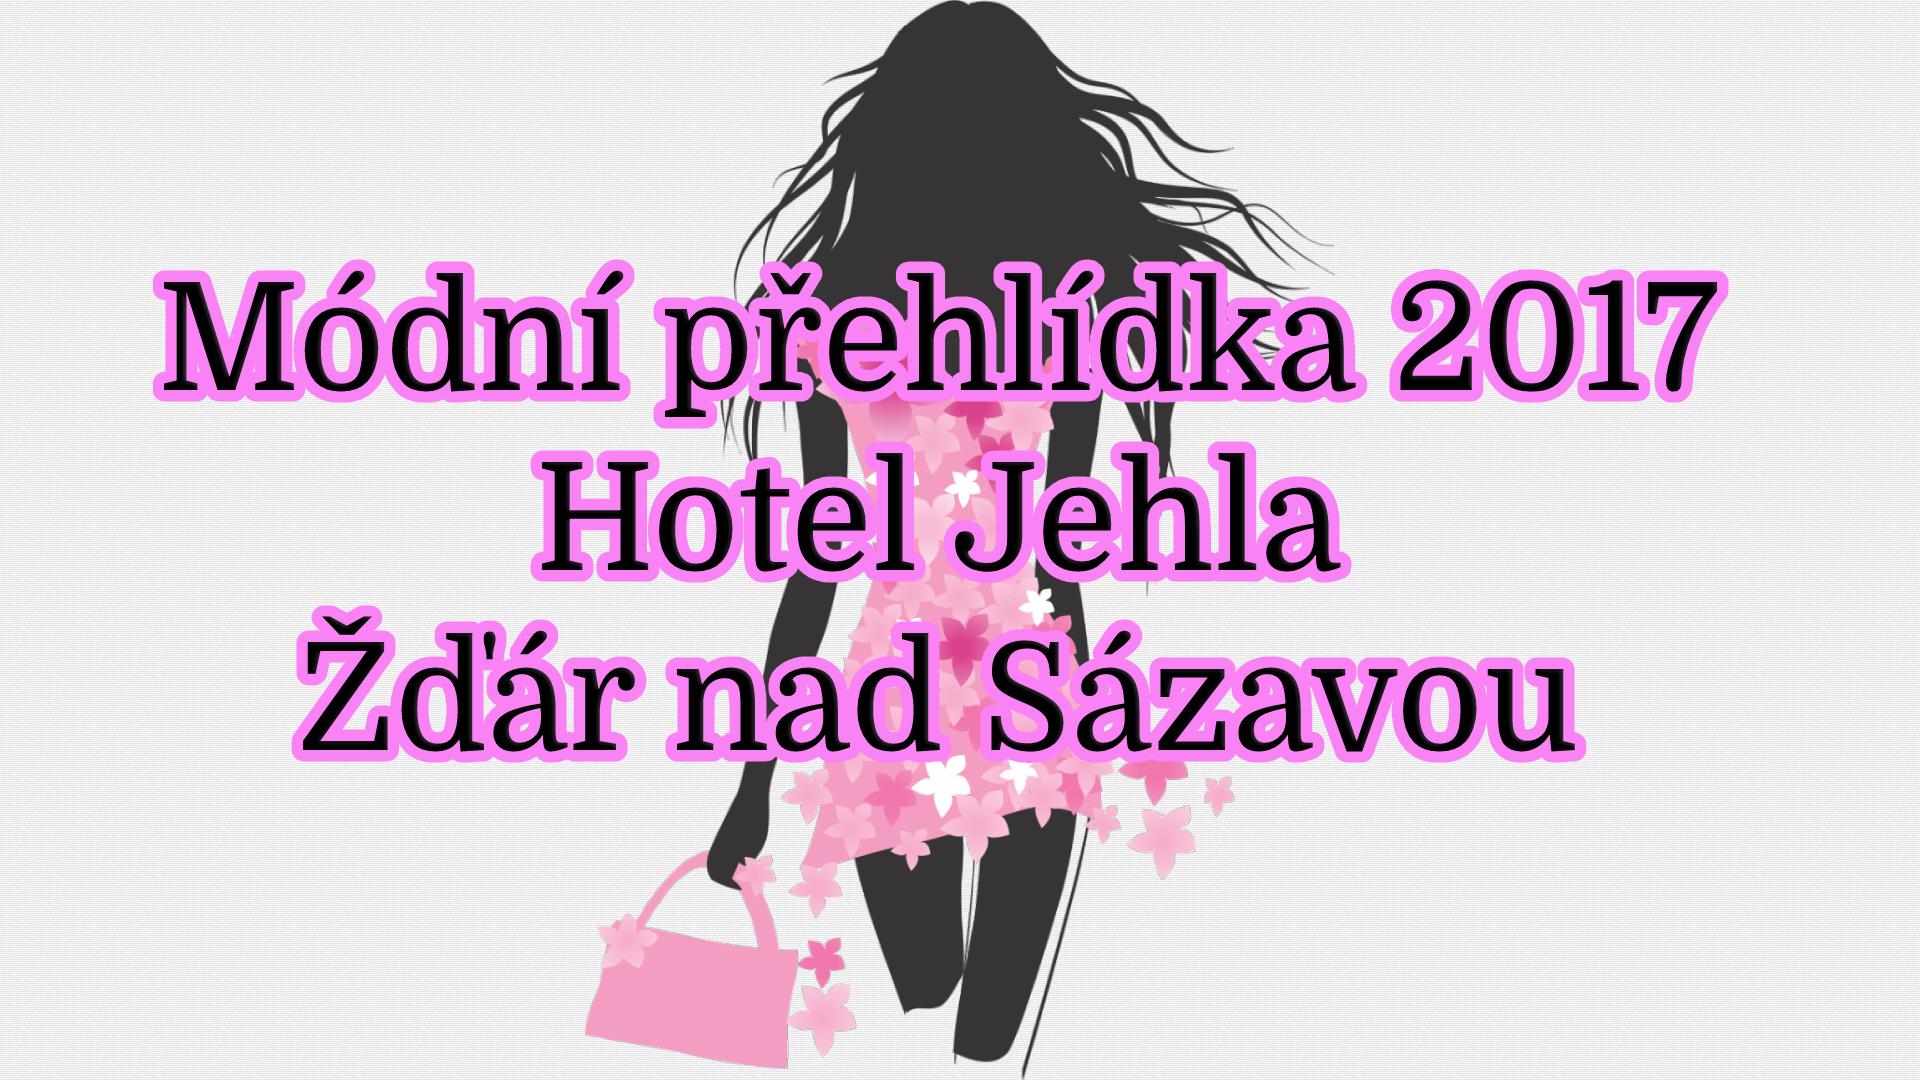 Módní přehlídka 2017 - Hotel Jehla Žďár nad Sázavou